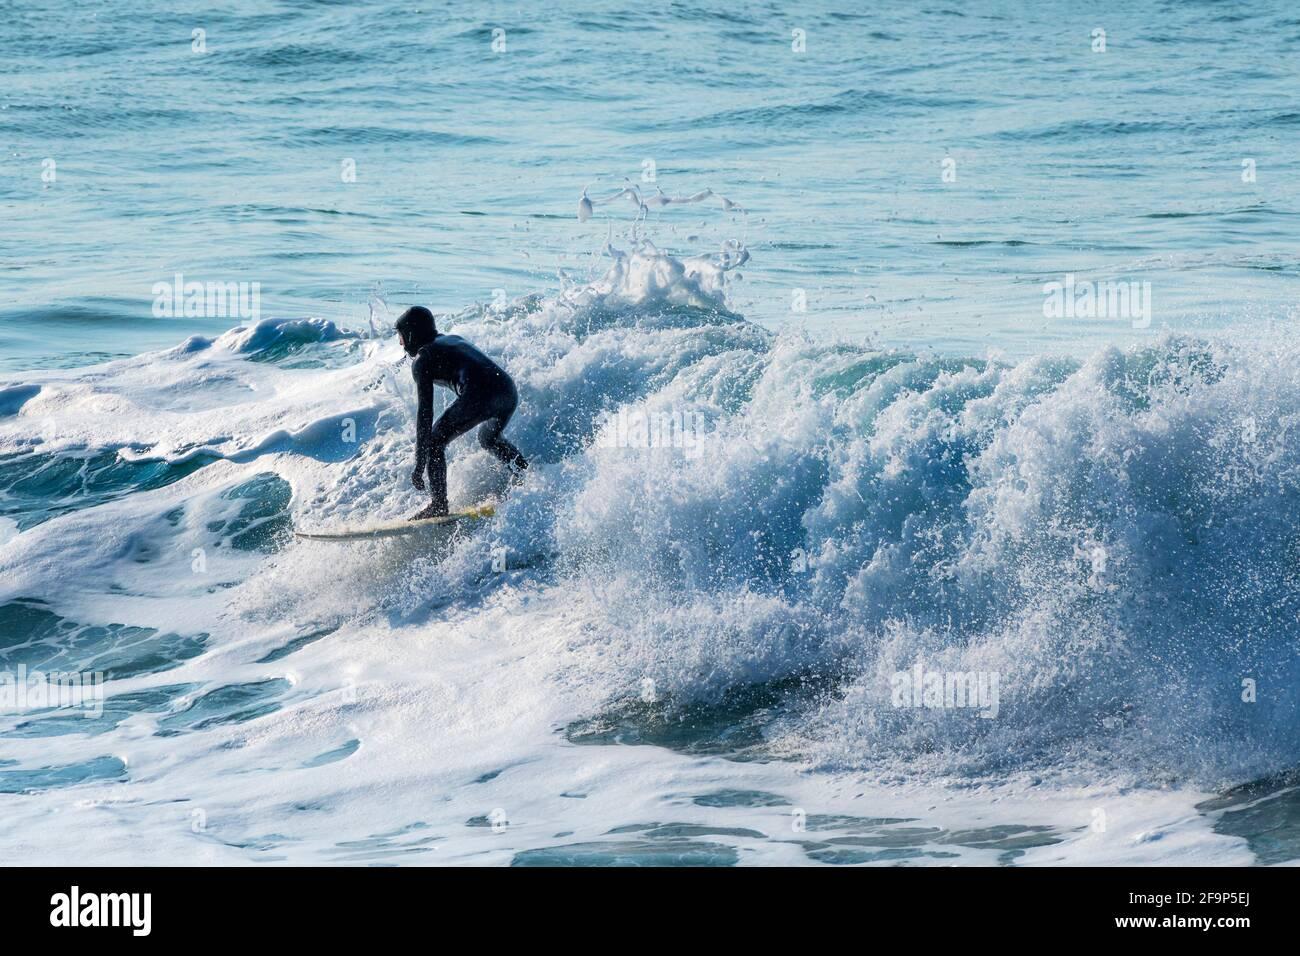 L'action au surf dans Fistral Newquay en Cornouailles. Banque D'Images